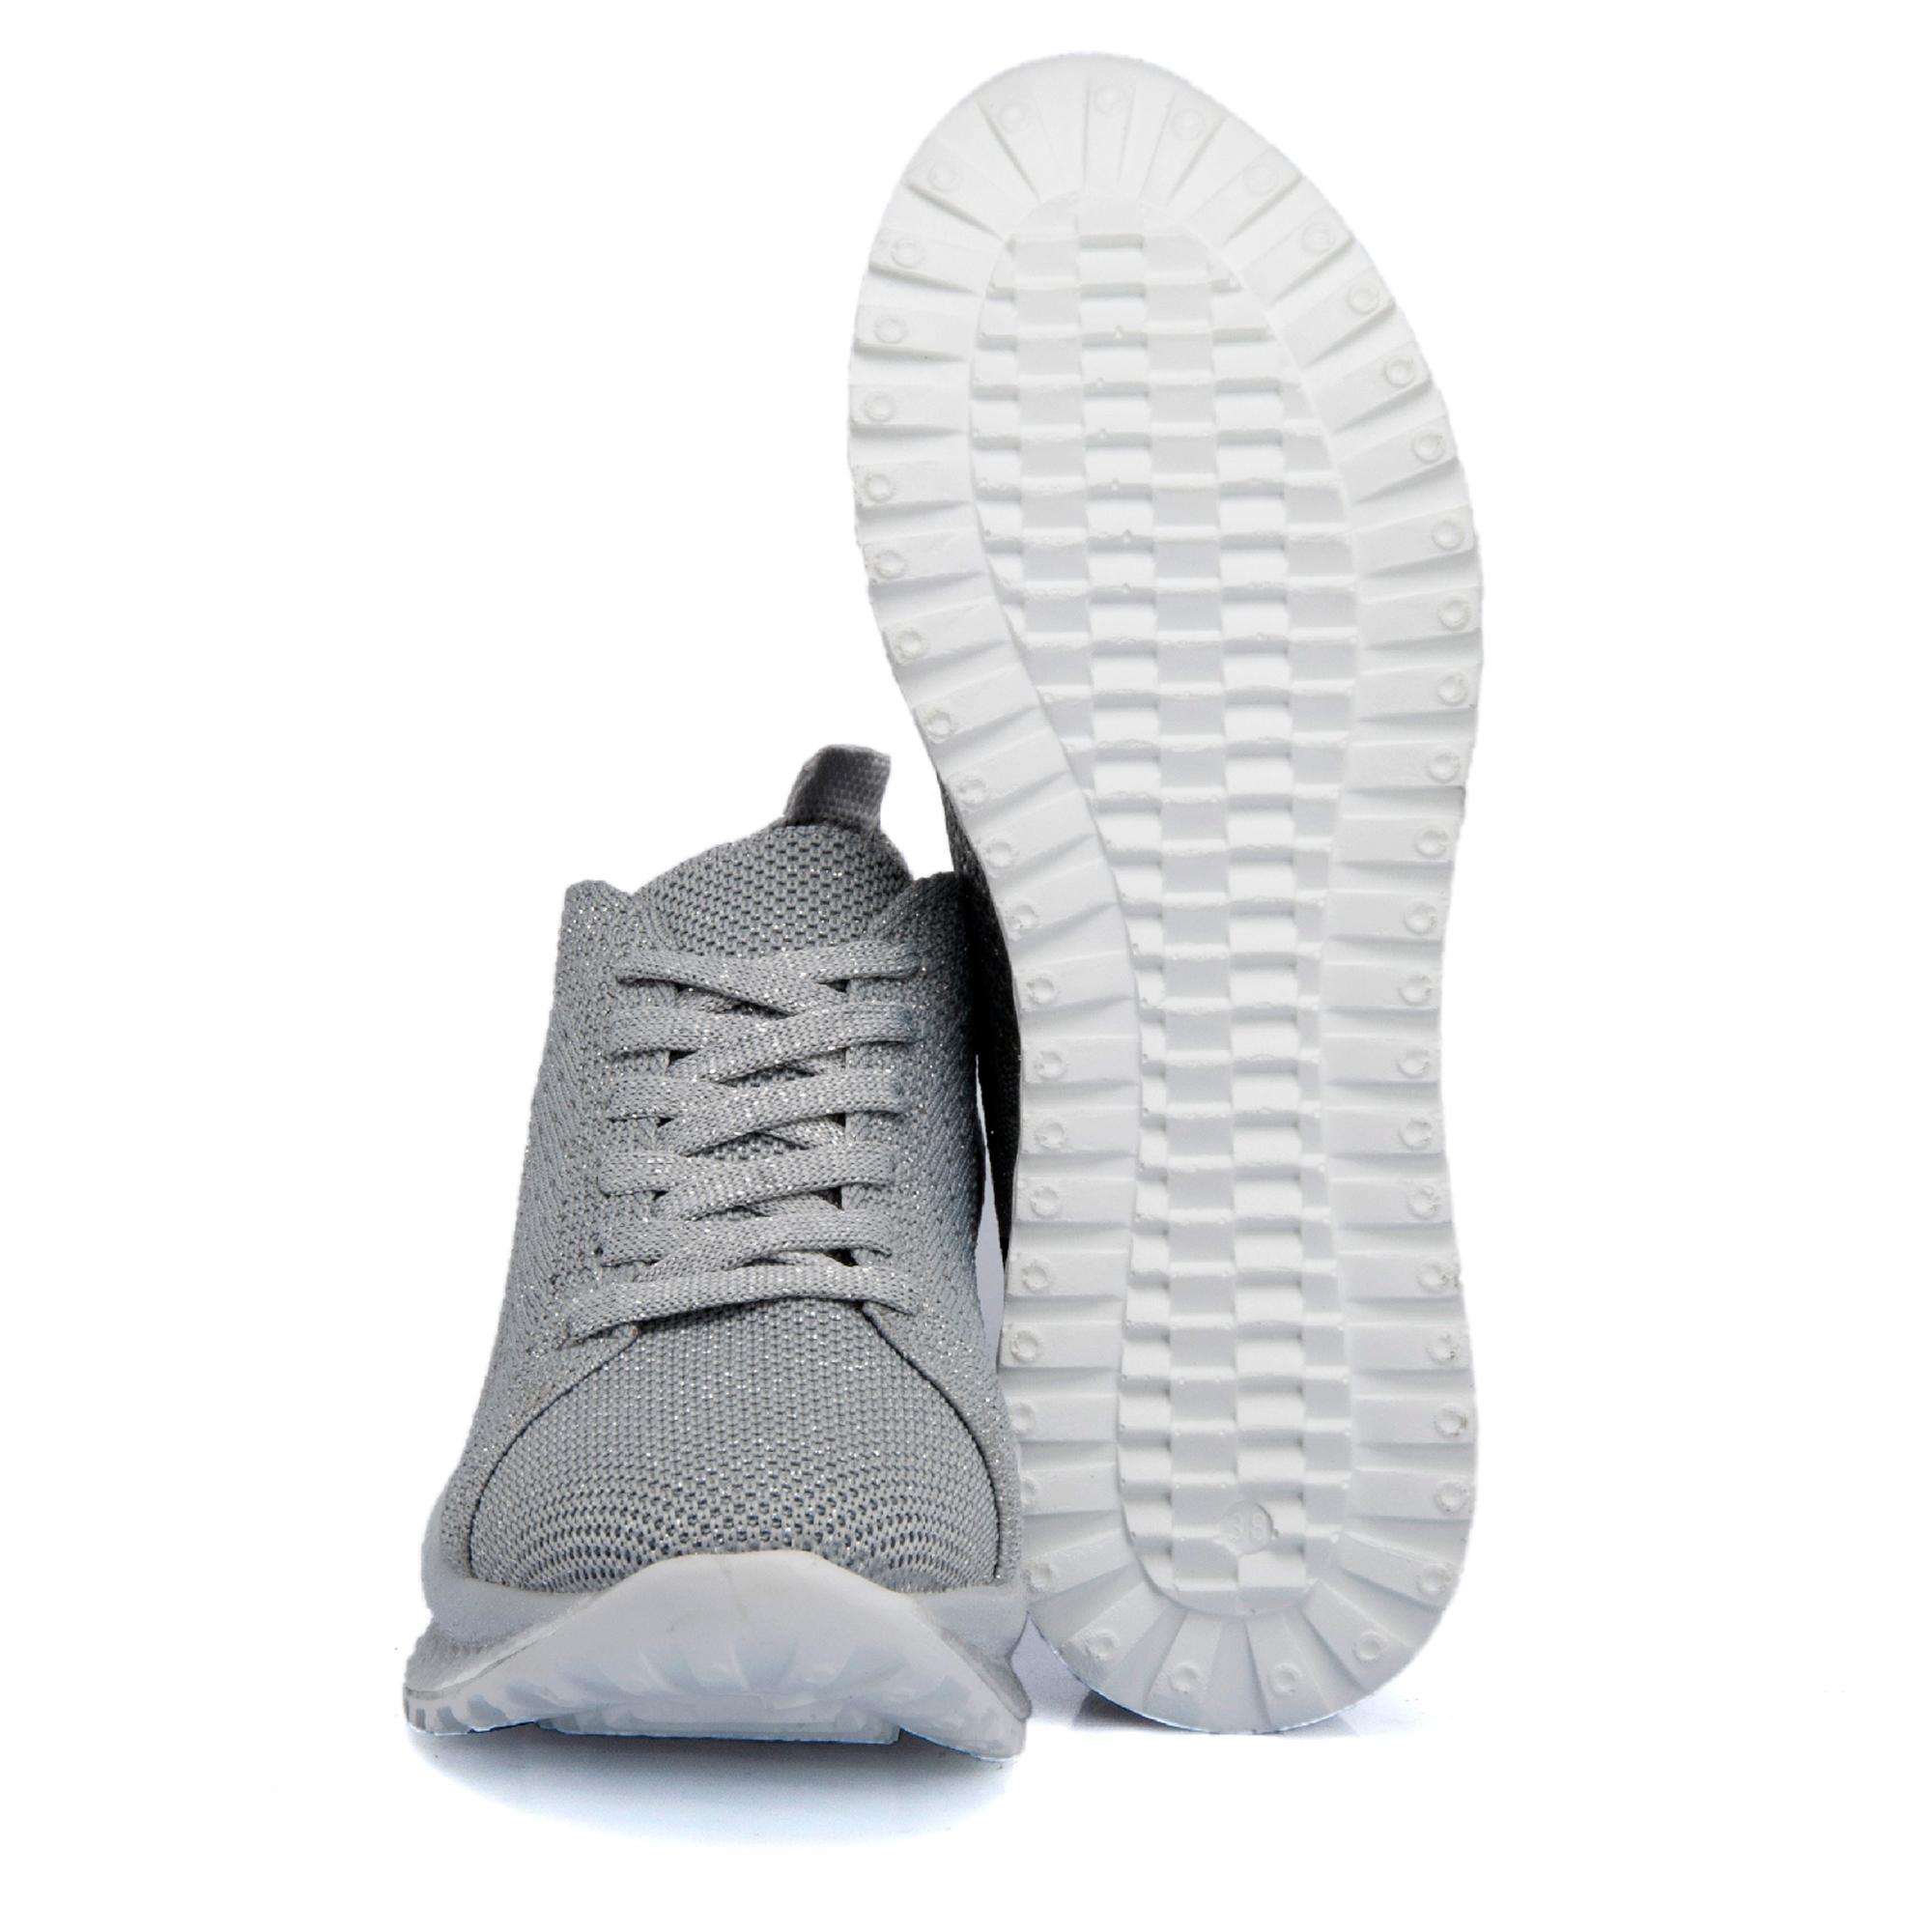 Gri Tekstil Kadın Ayakkabı 64523I50